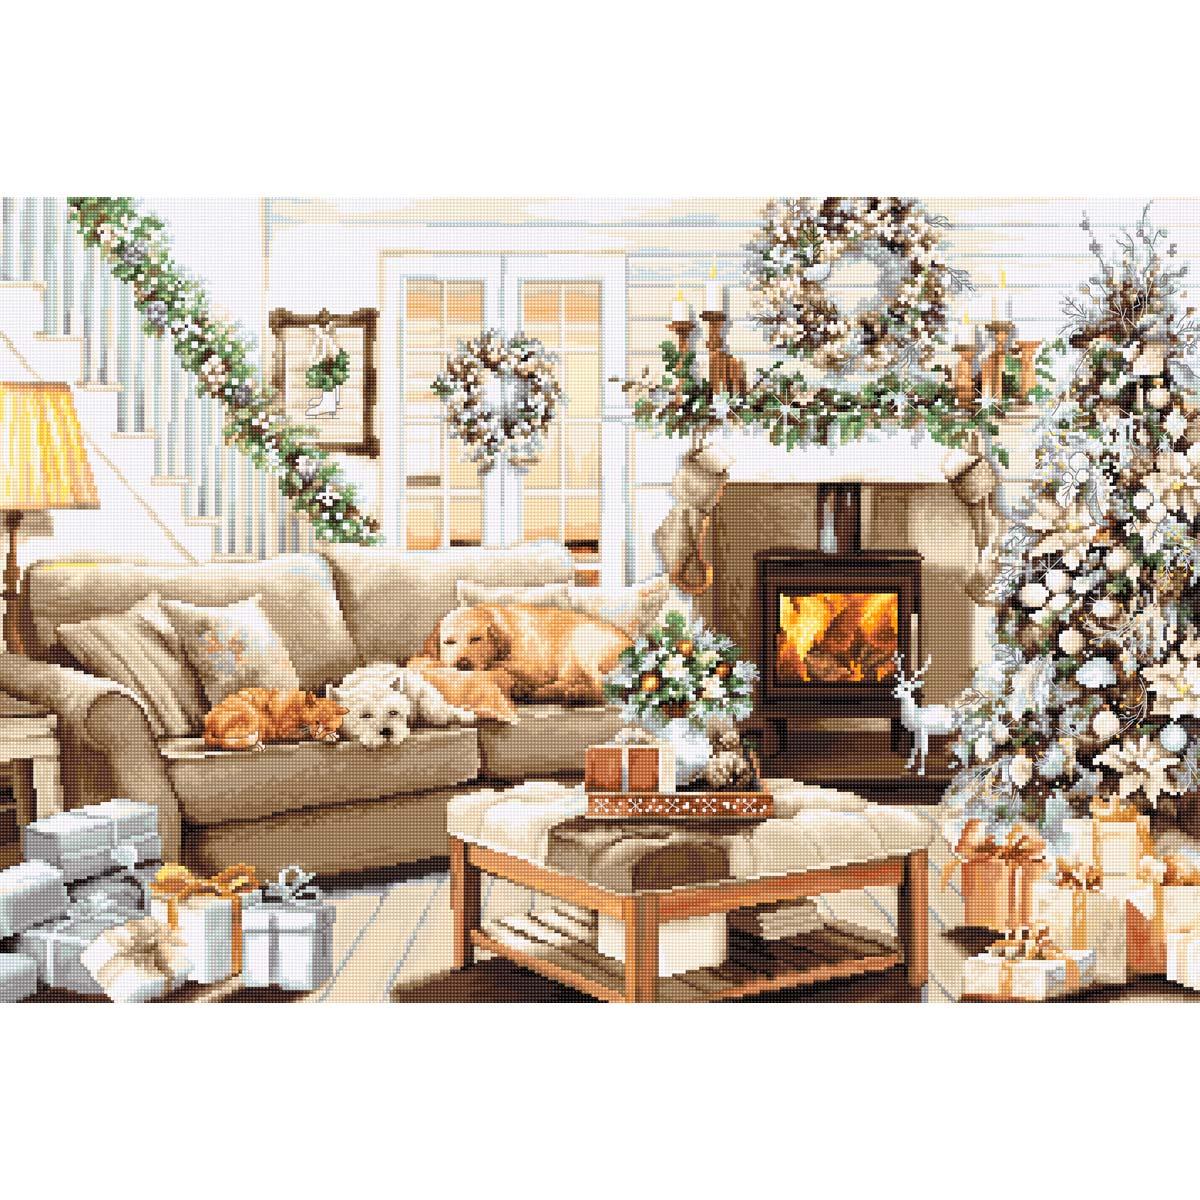 B2393 Набор для вышивания 'Мечтая о белом Рождестве' 50*34см, Luca-S